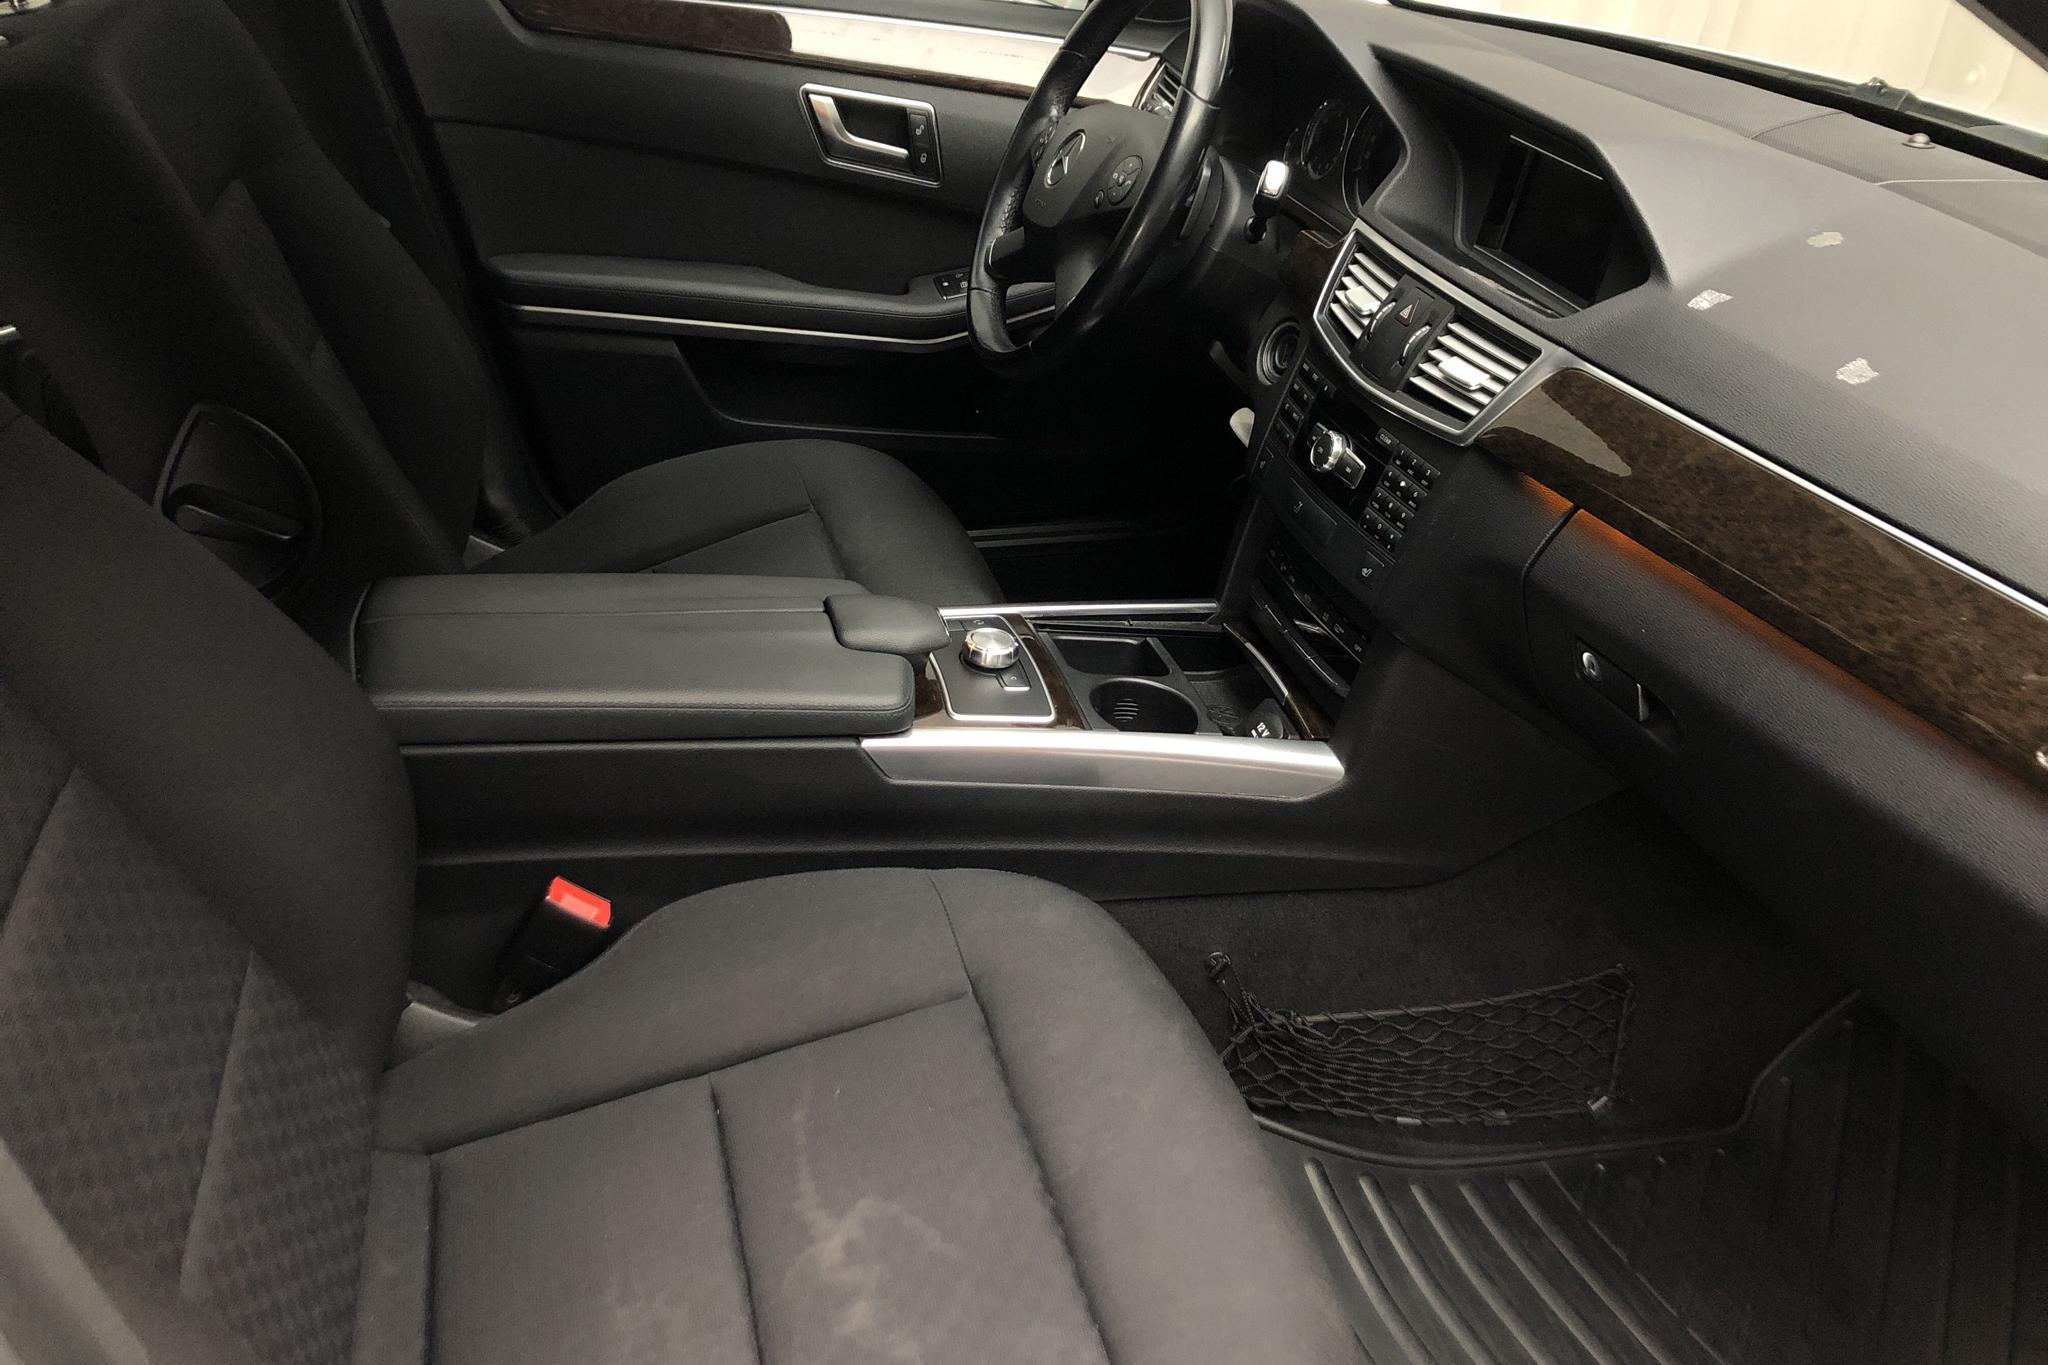 Mercedes E 300 CDI BlueTEC Hybrid Kombi S212 (204hk) - 283 810 km - Automatic - silver - 2013